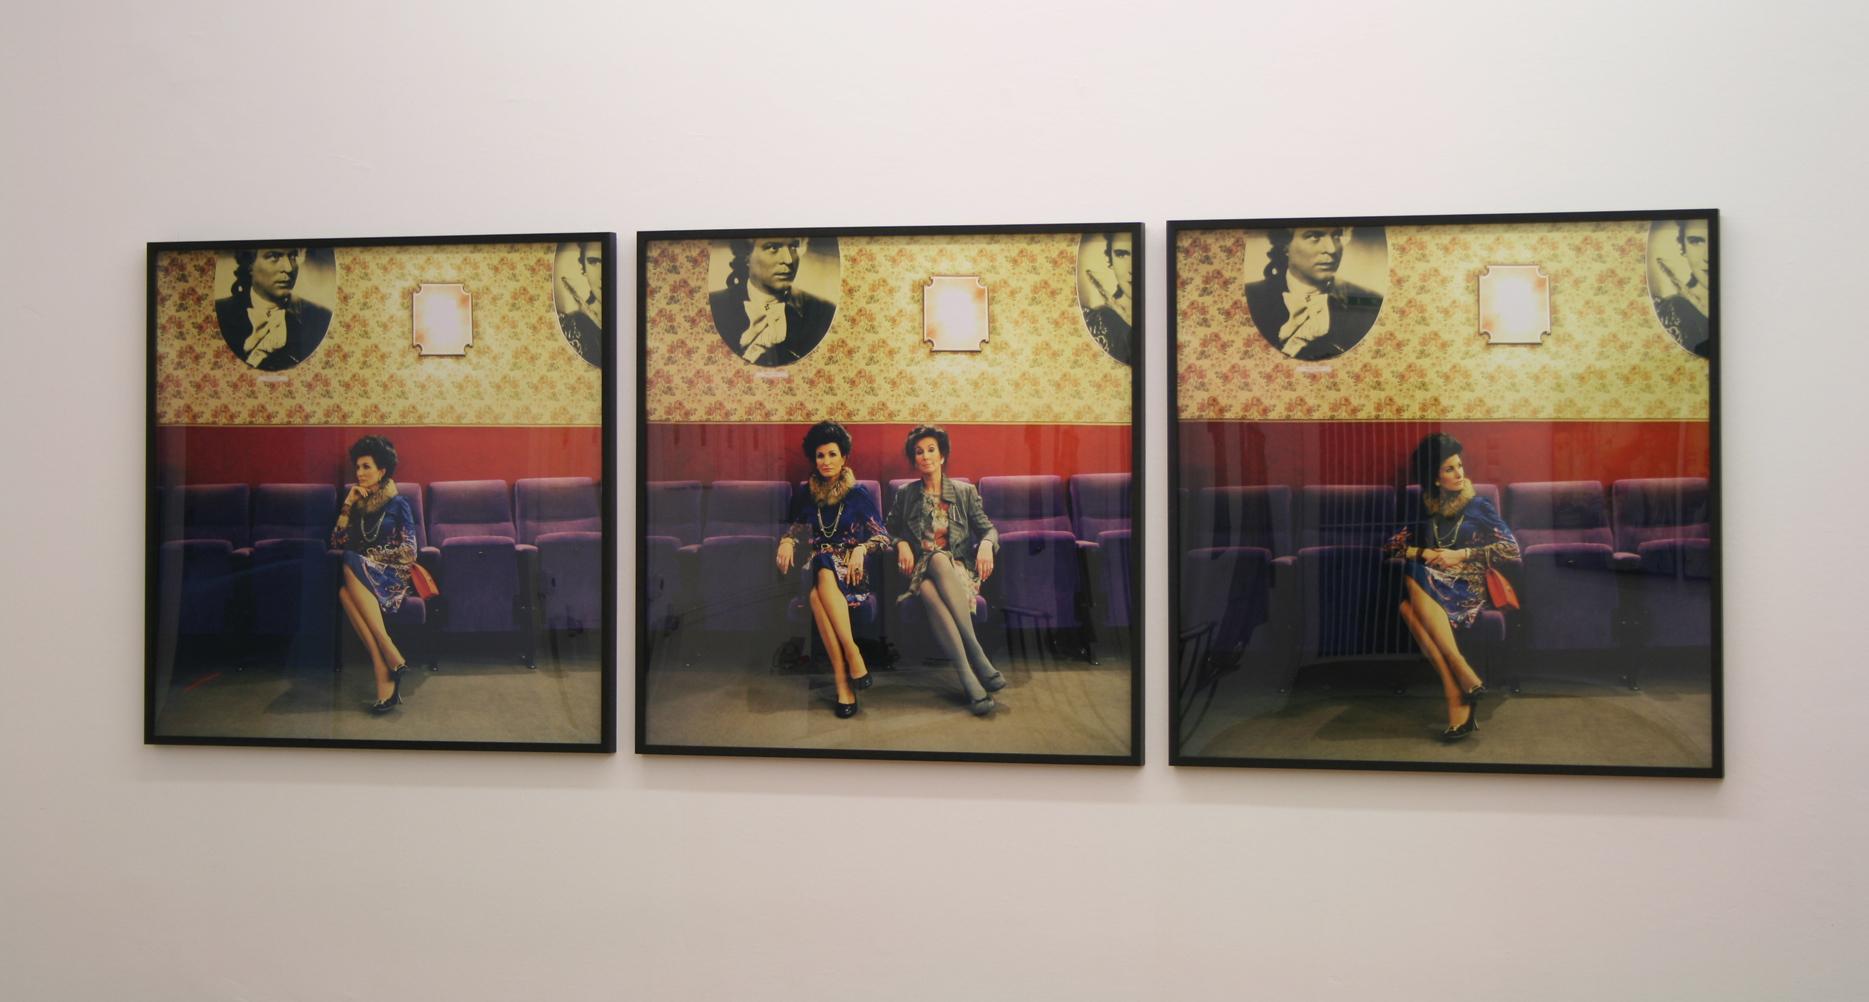 Irene Andessner und Paolo Leone, Ursula K., Ausstellungsansicht Brunnhofer Galerie, 2008